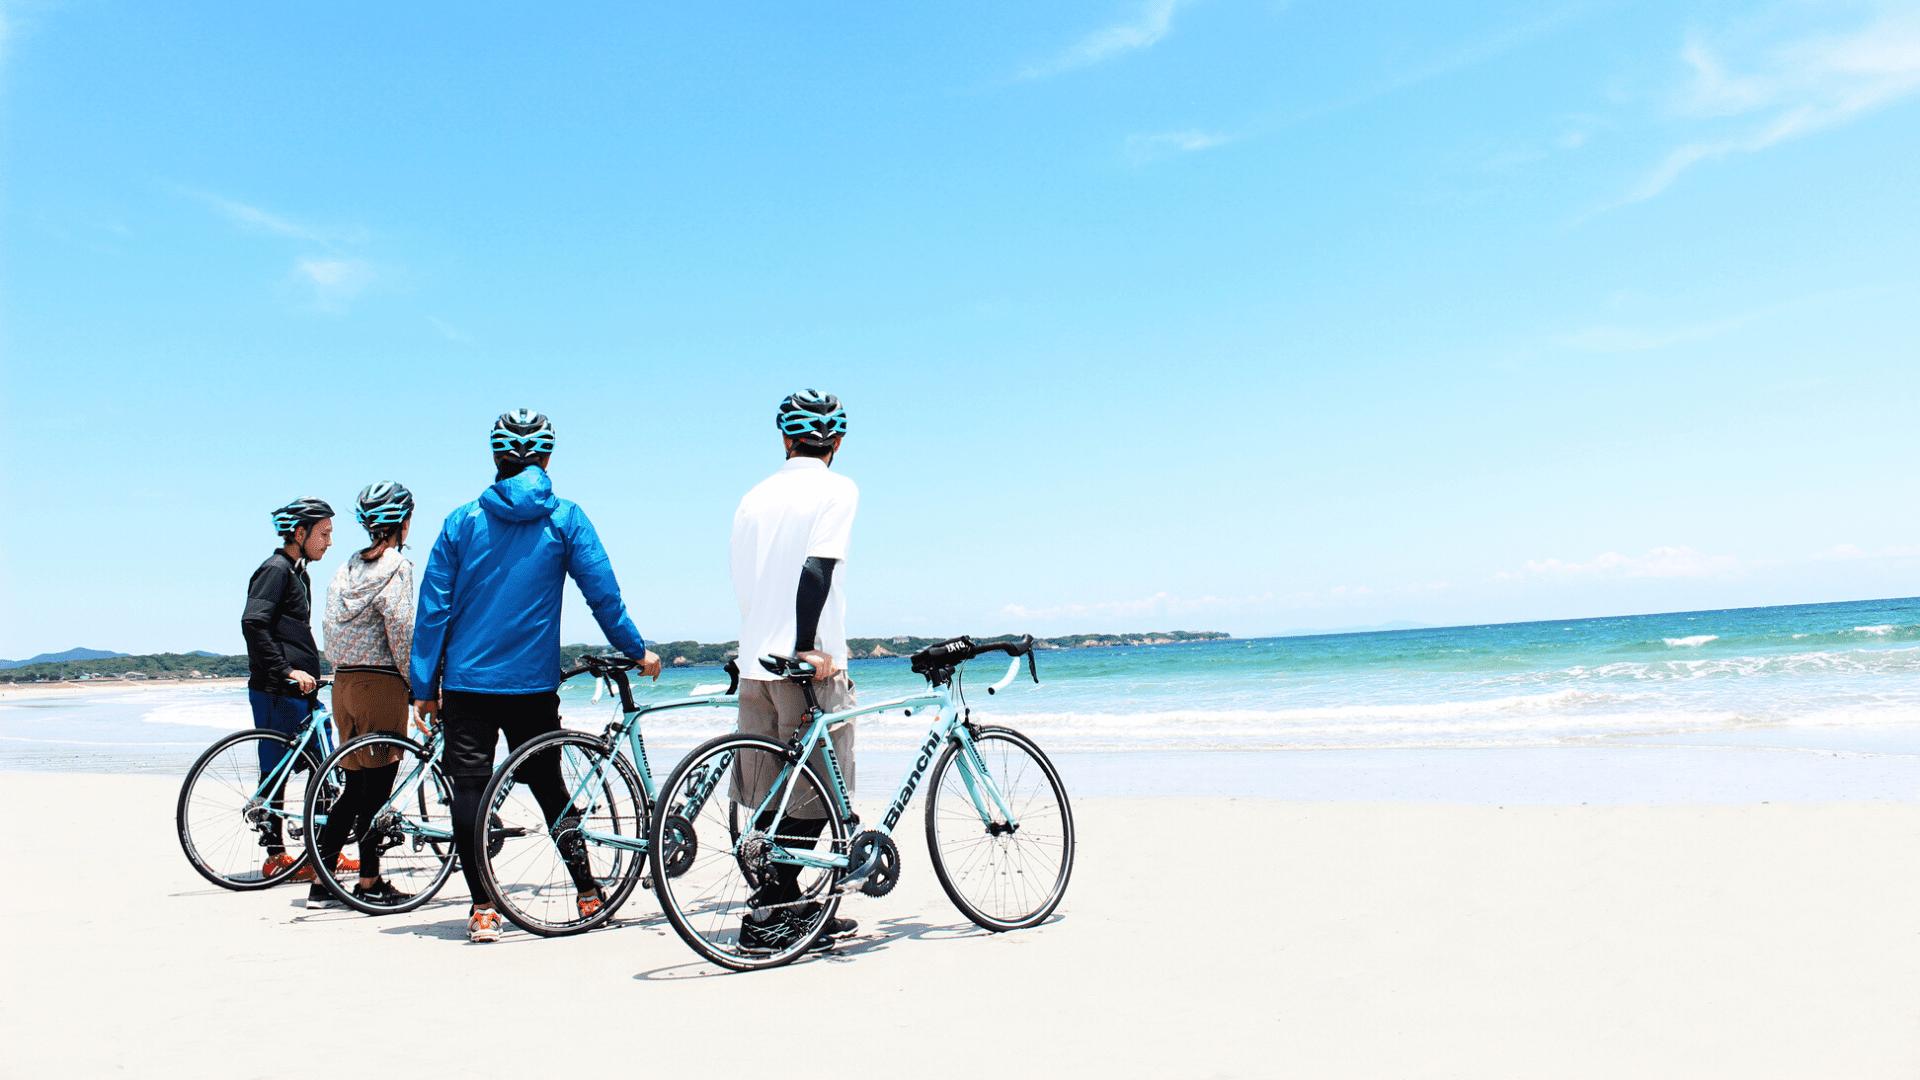 志摩サイクリングツアー|安乗﨑灯台・国府白浜散策|三重アクティビティ予約